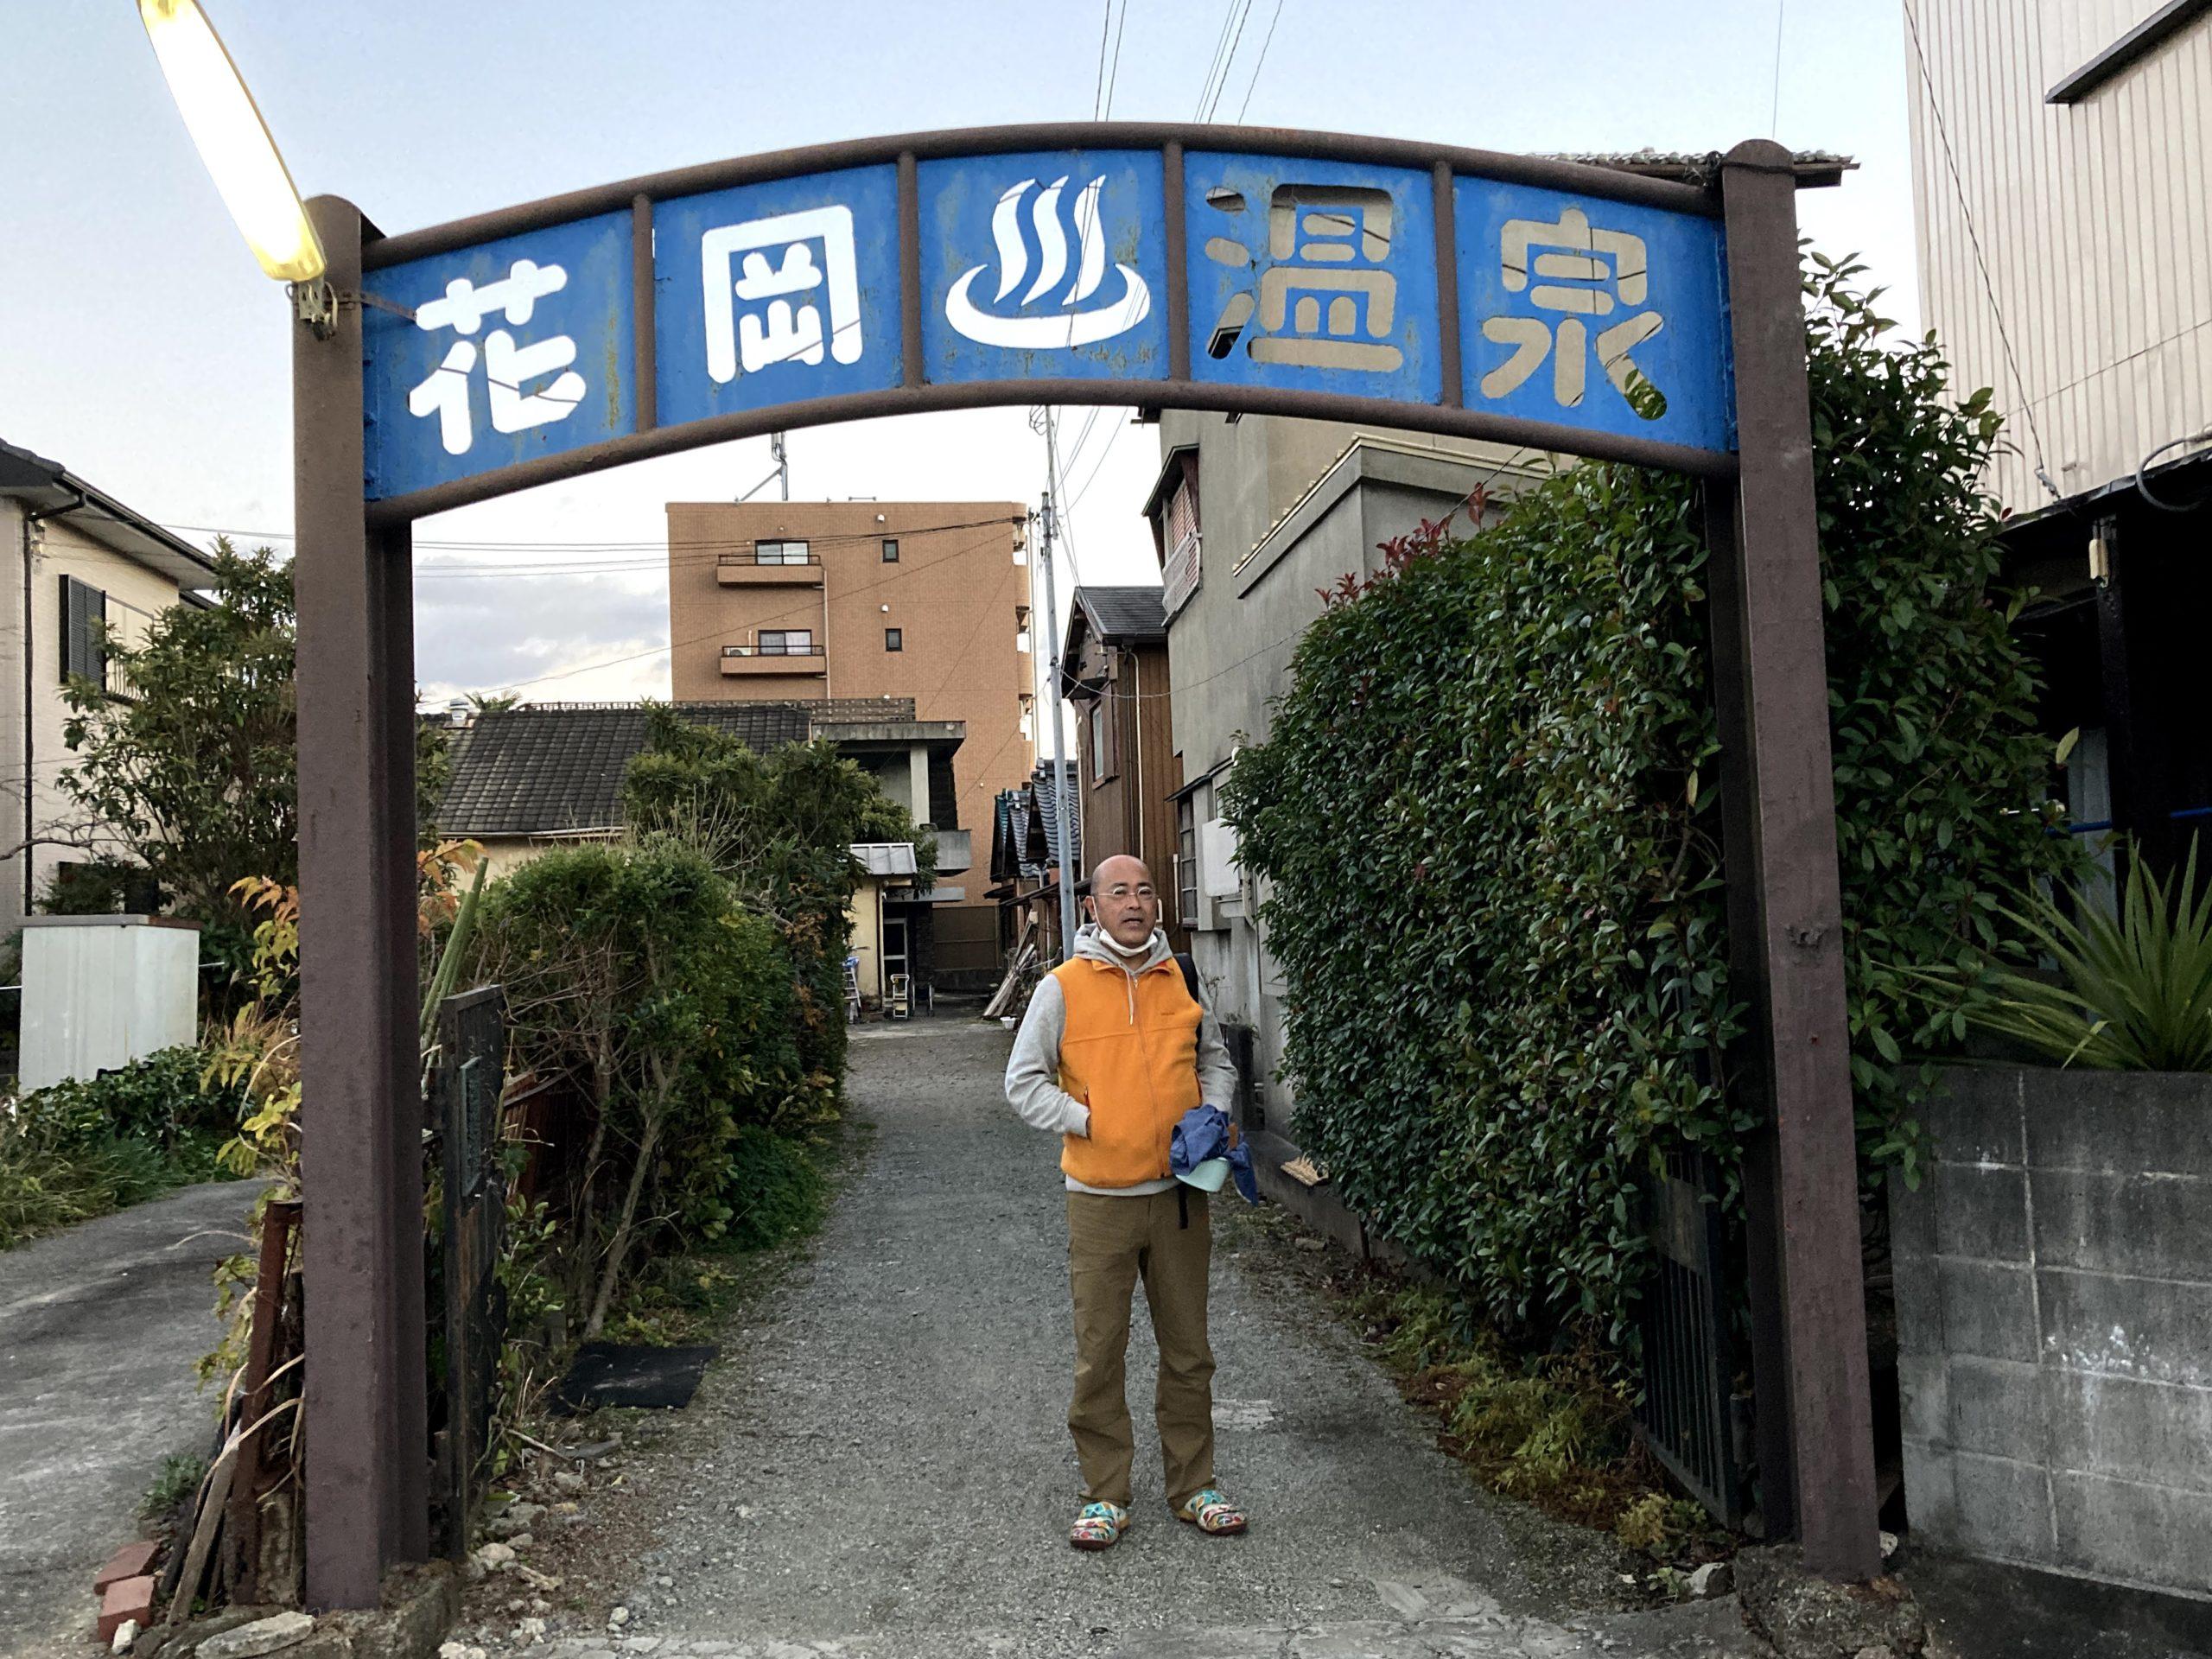 2021年元旦三重県松阪市花岡温泉でのケロリン桶太郎